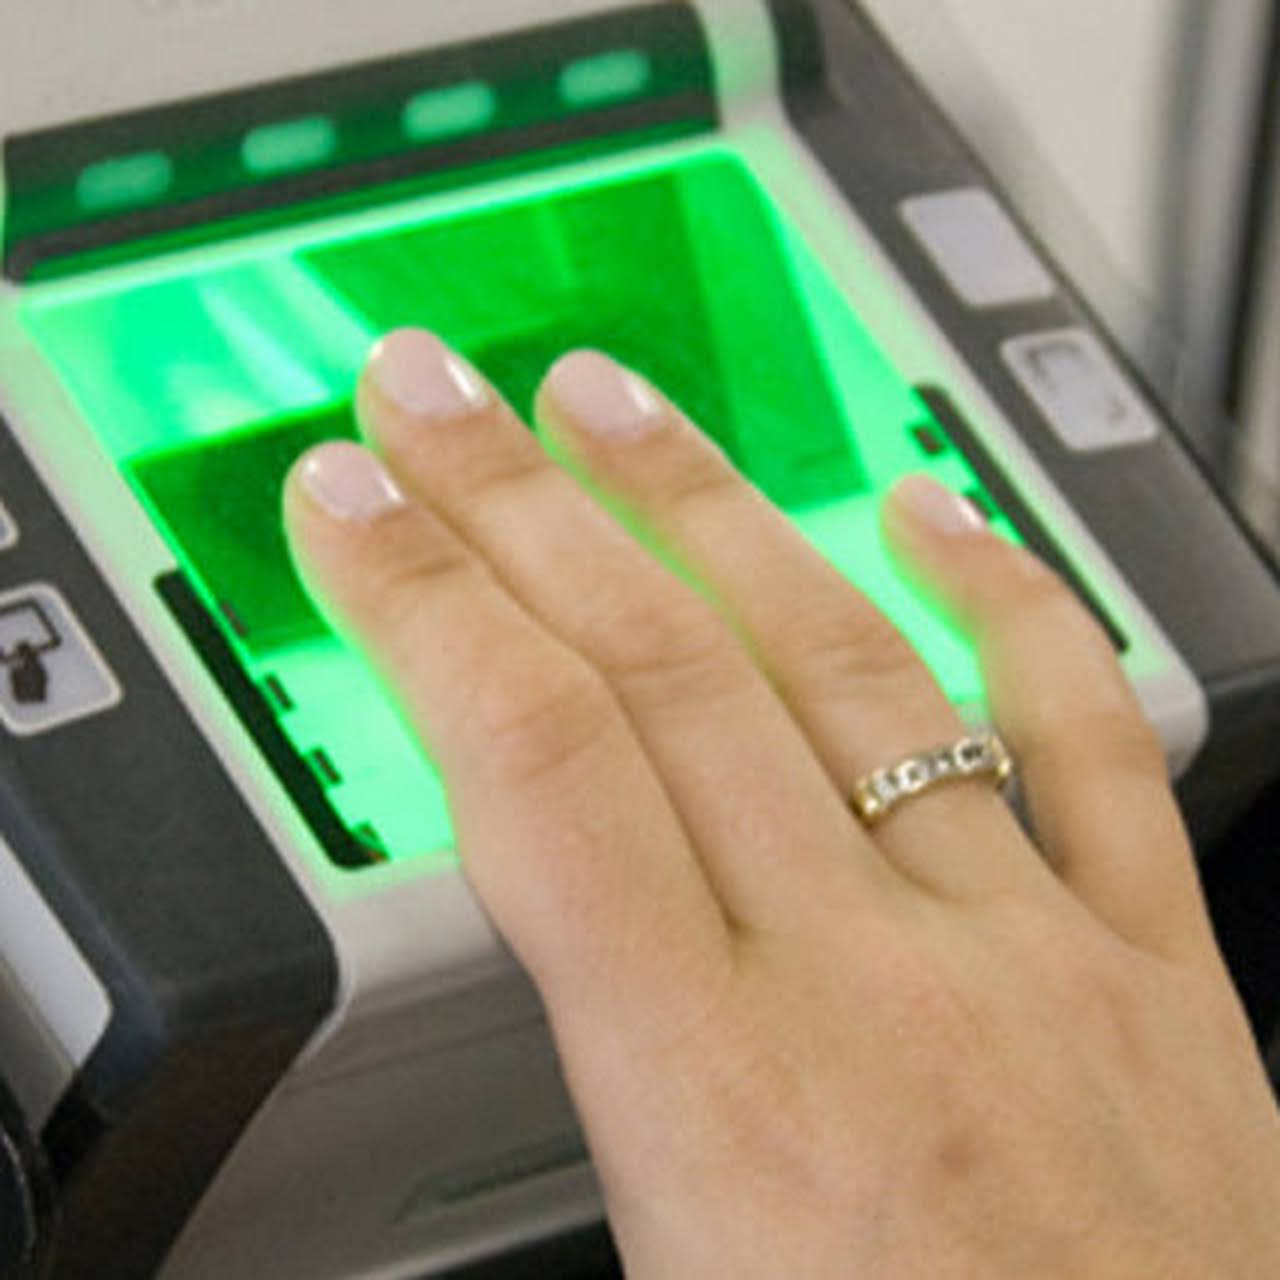 Mobile SF Bay Area Live Scan & FBI Ink Fingerprinting